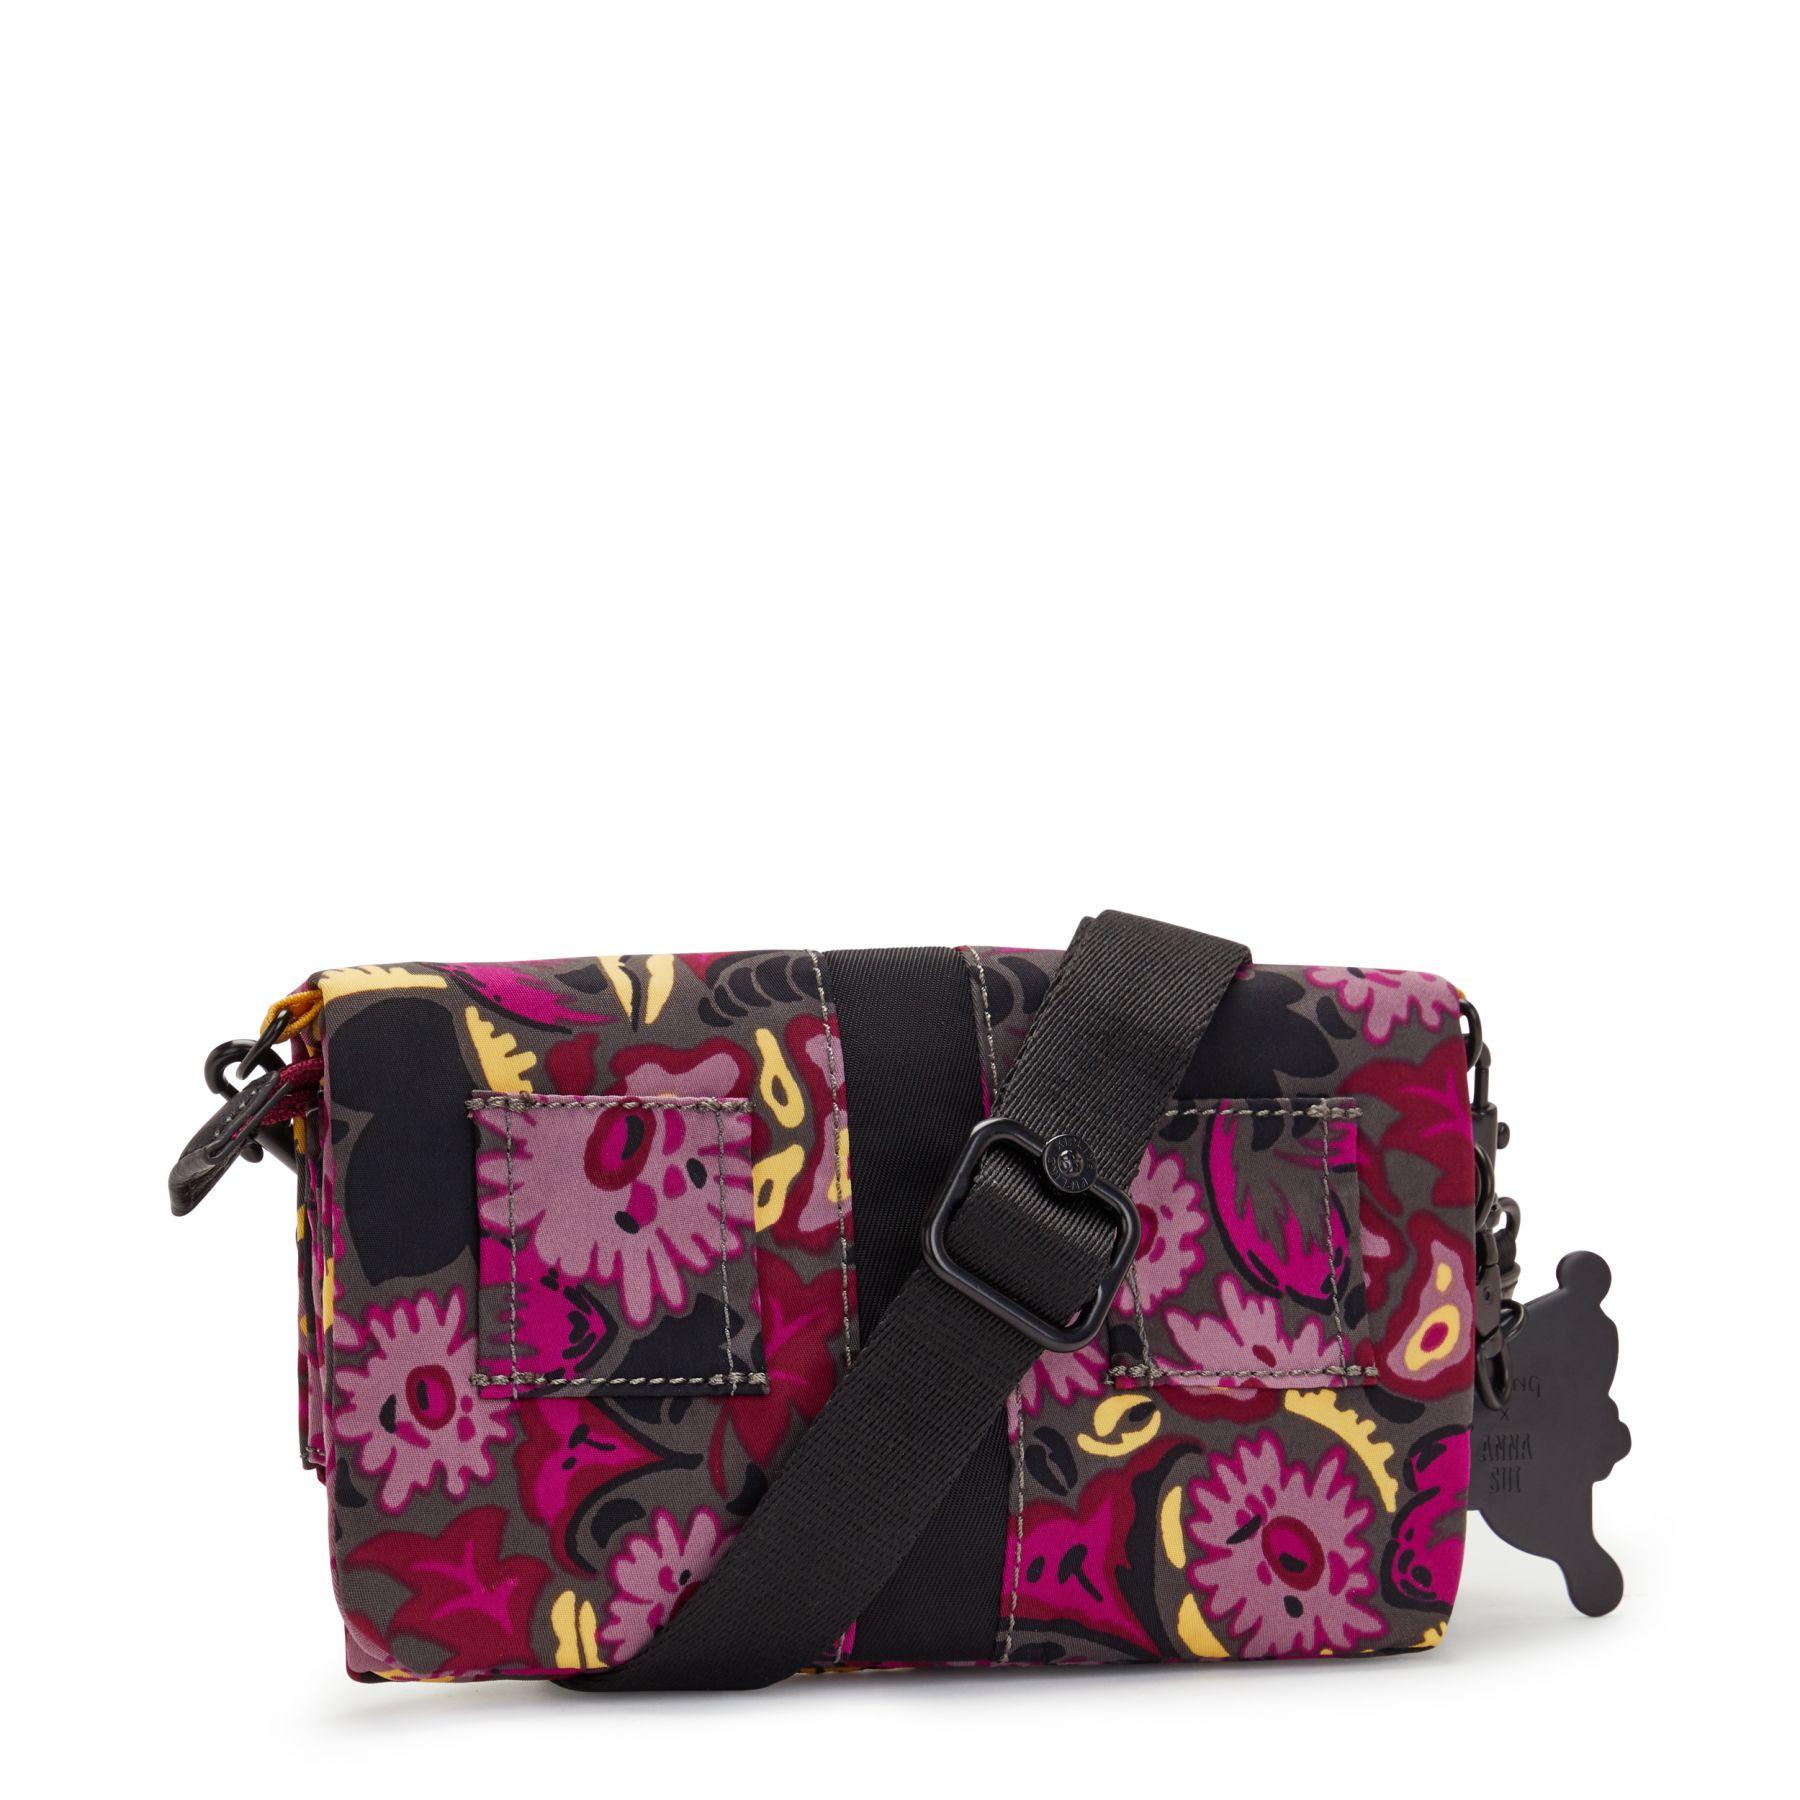 LYNNE BAGS by Kipling - Back view